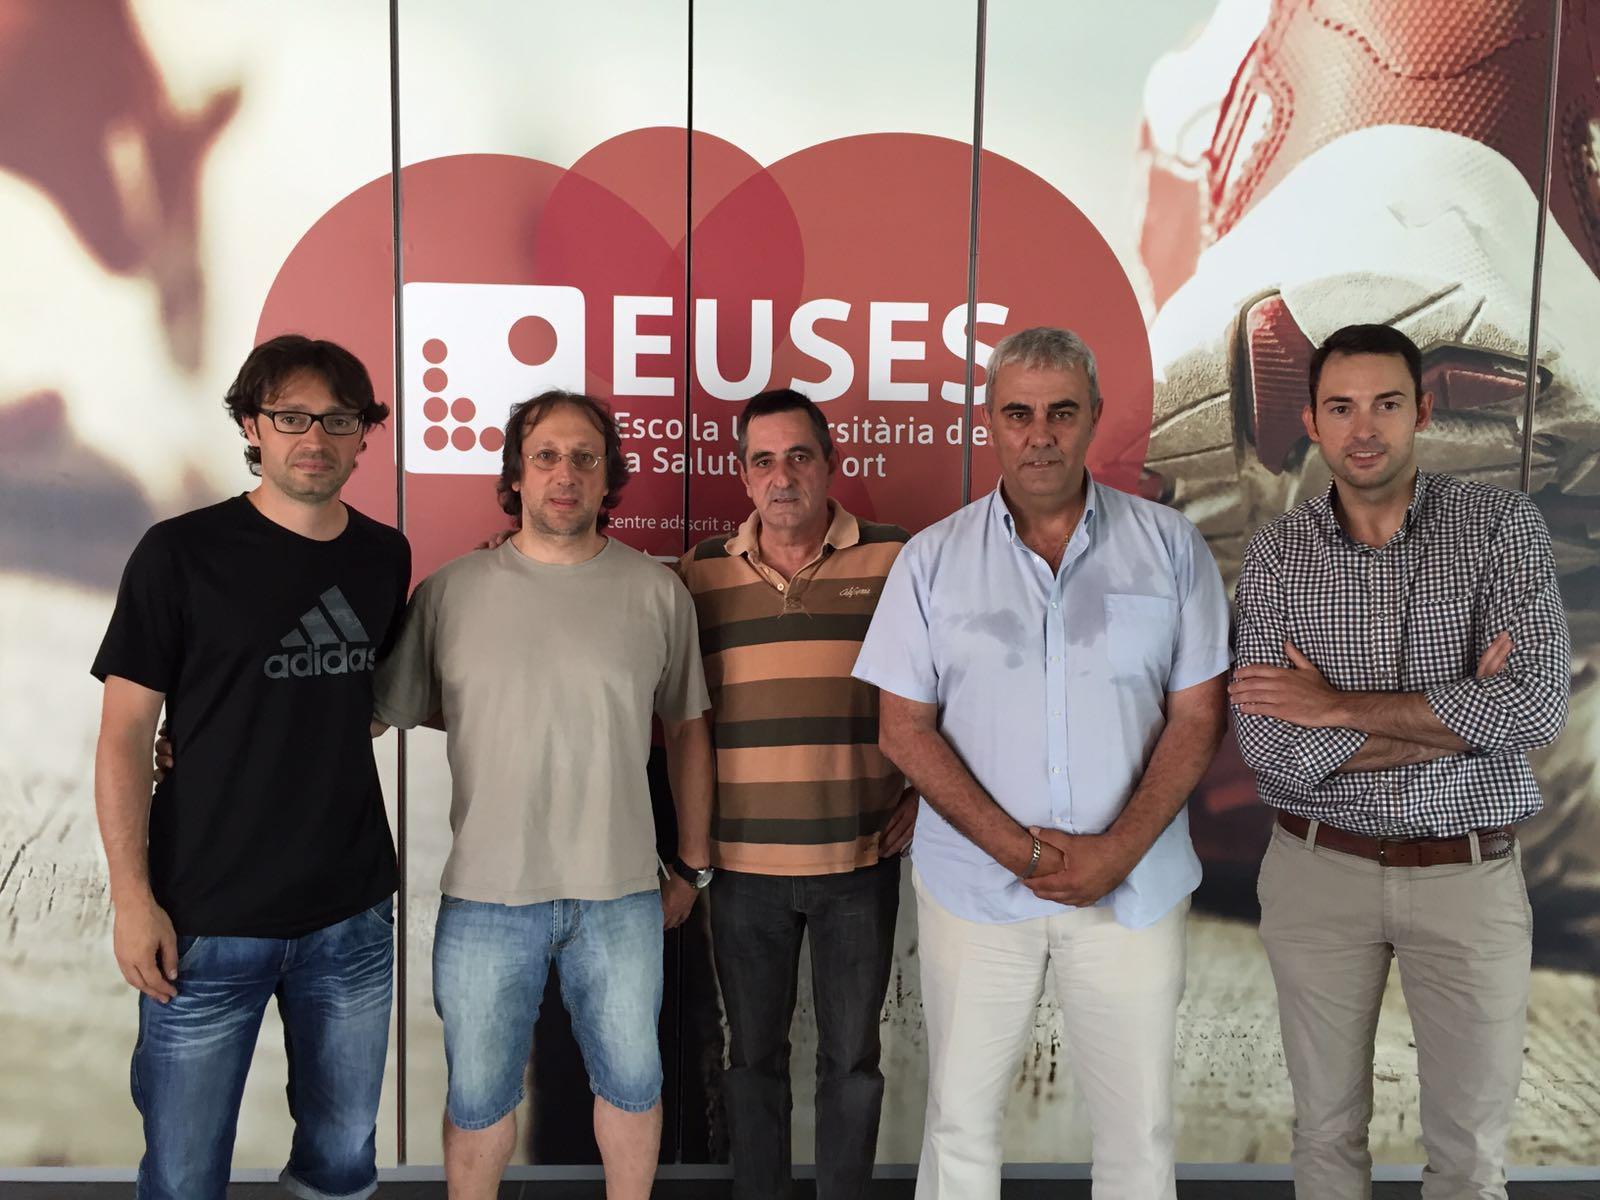 L'Escola Universitària de la Salut i l'Esport signa un acord de col·laboració amb la Federació Catalana d'Handbol